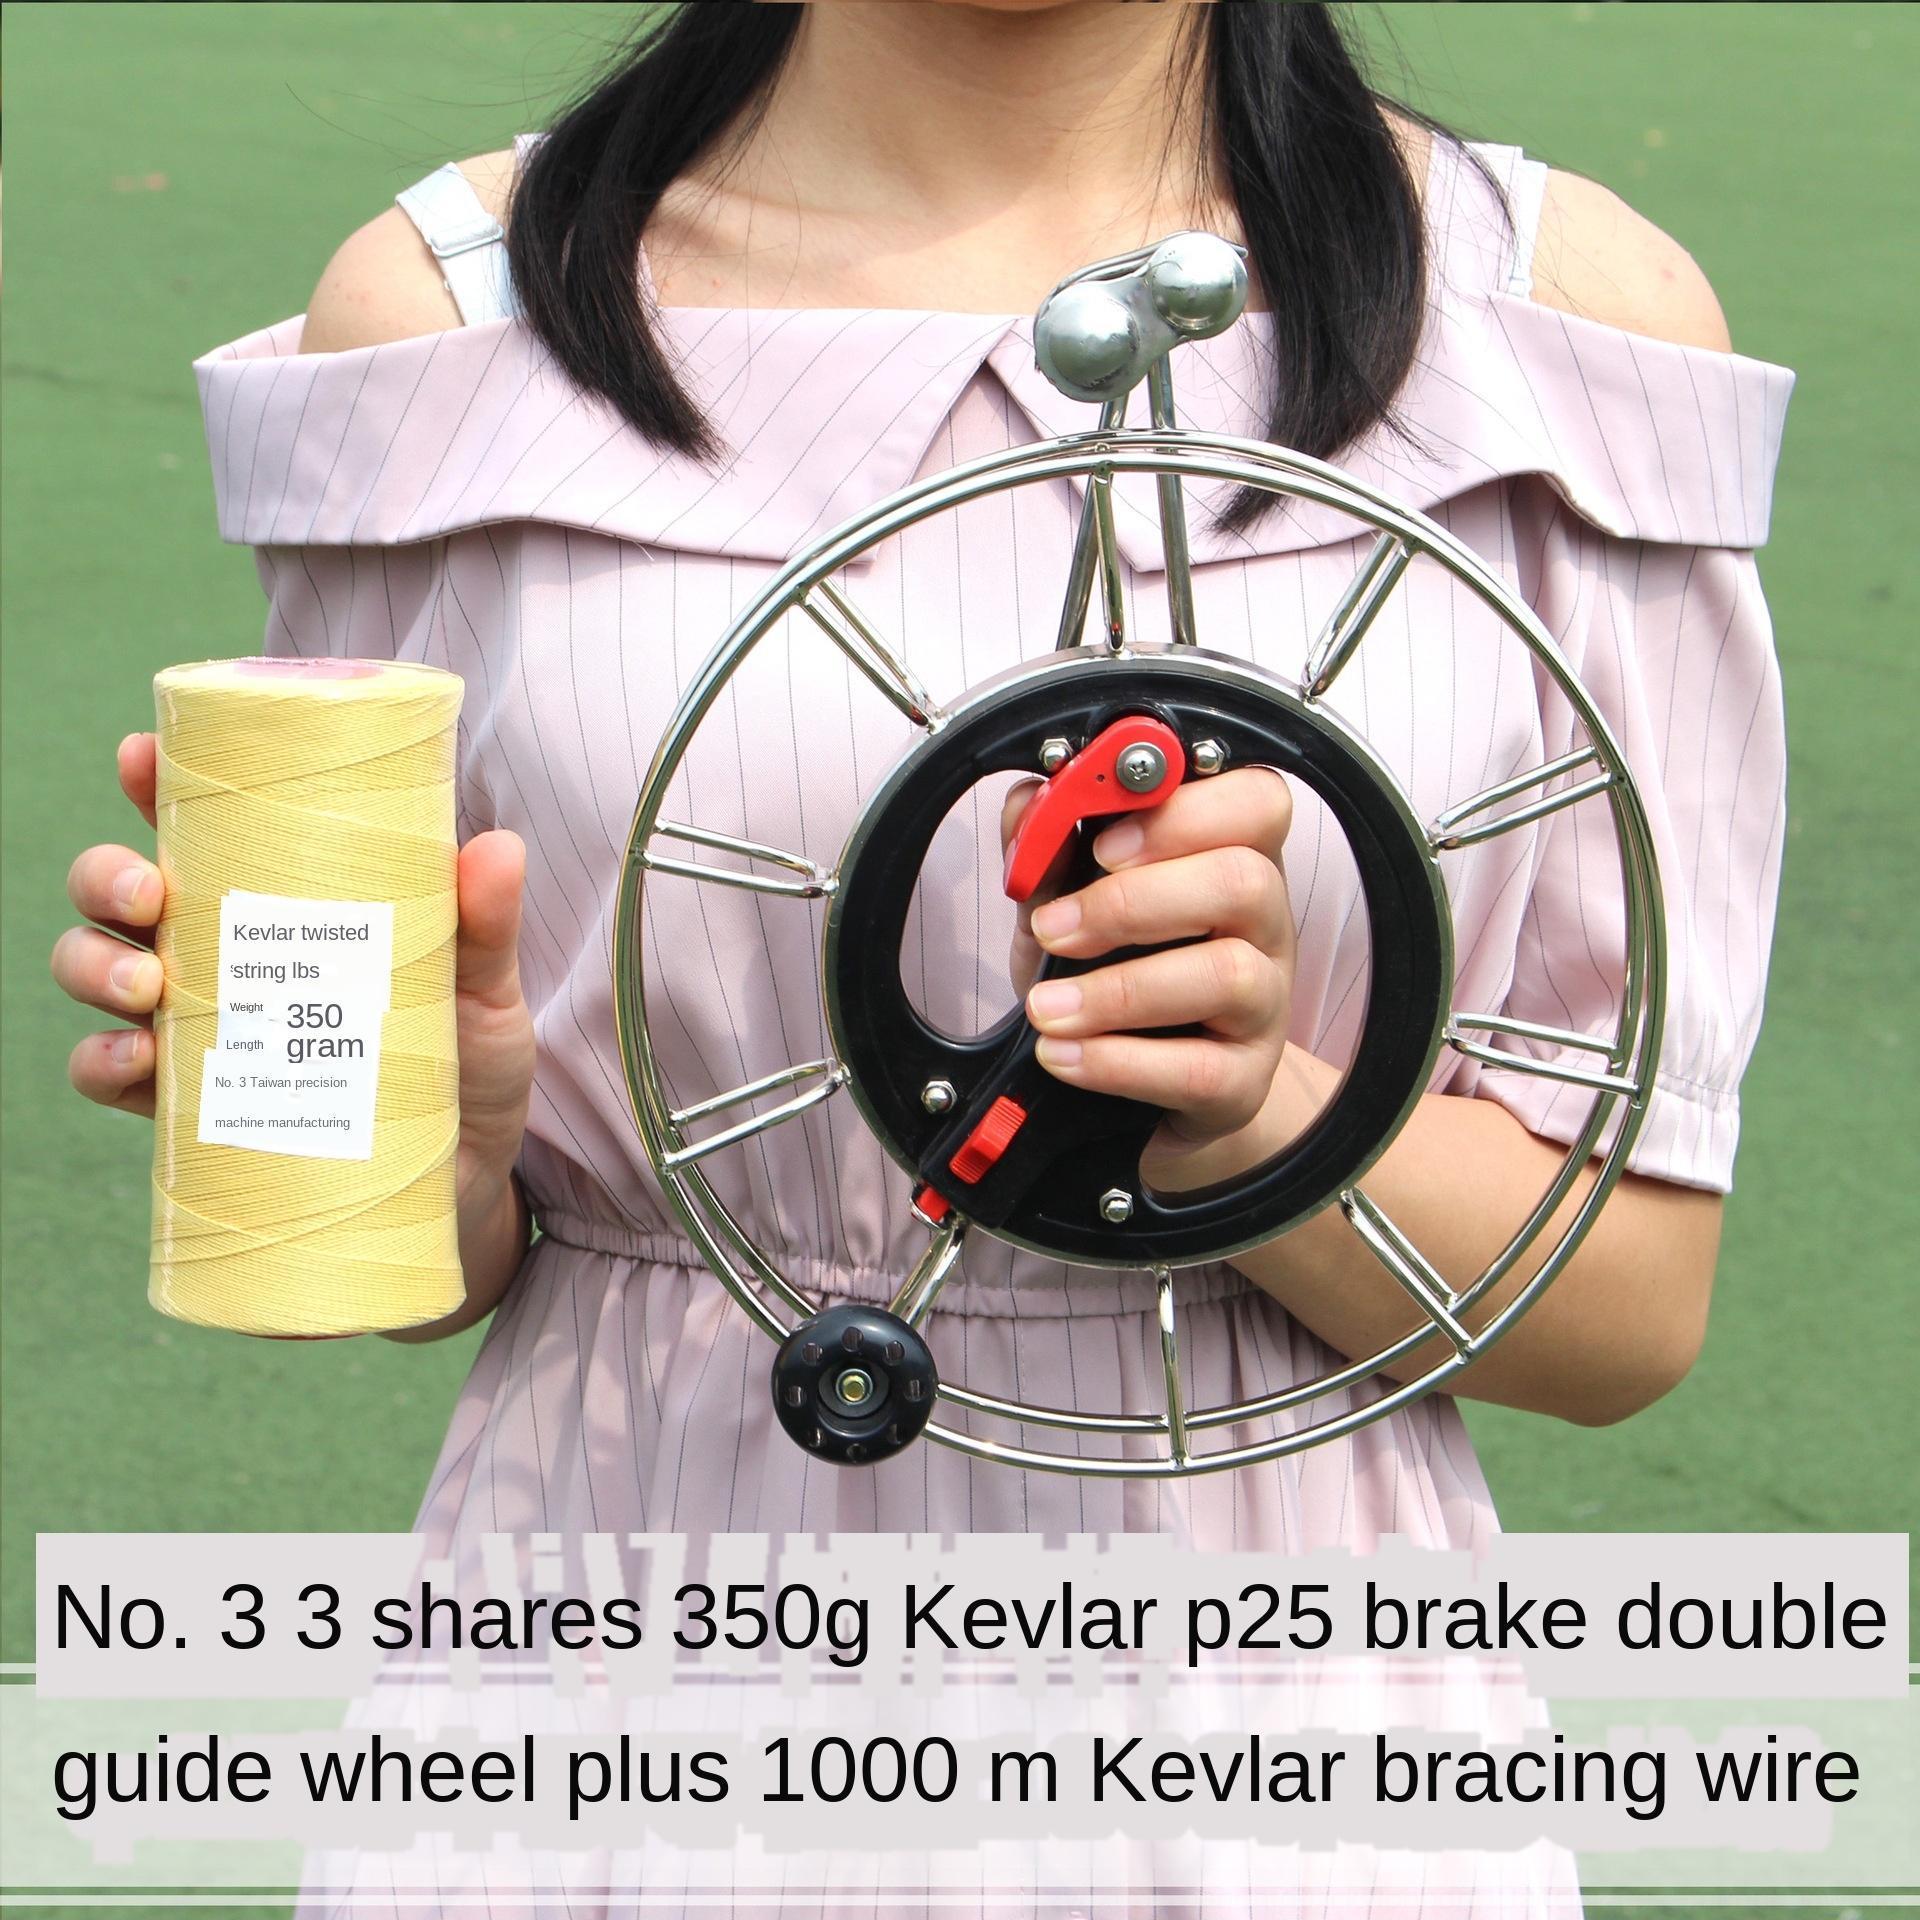 Freno Weifang aquilone piastra Filo di acciaio inossidabile ruota aquilone fili di alta qualità tenuto in mano tenuto in mano ruota principiante Jianpeng